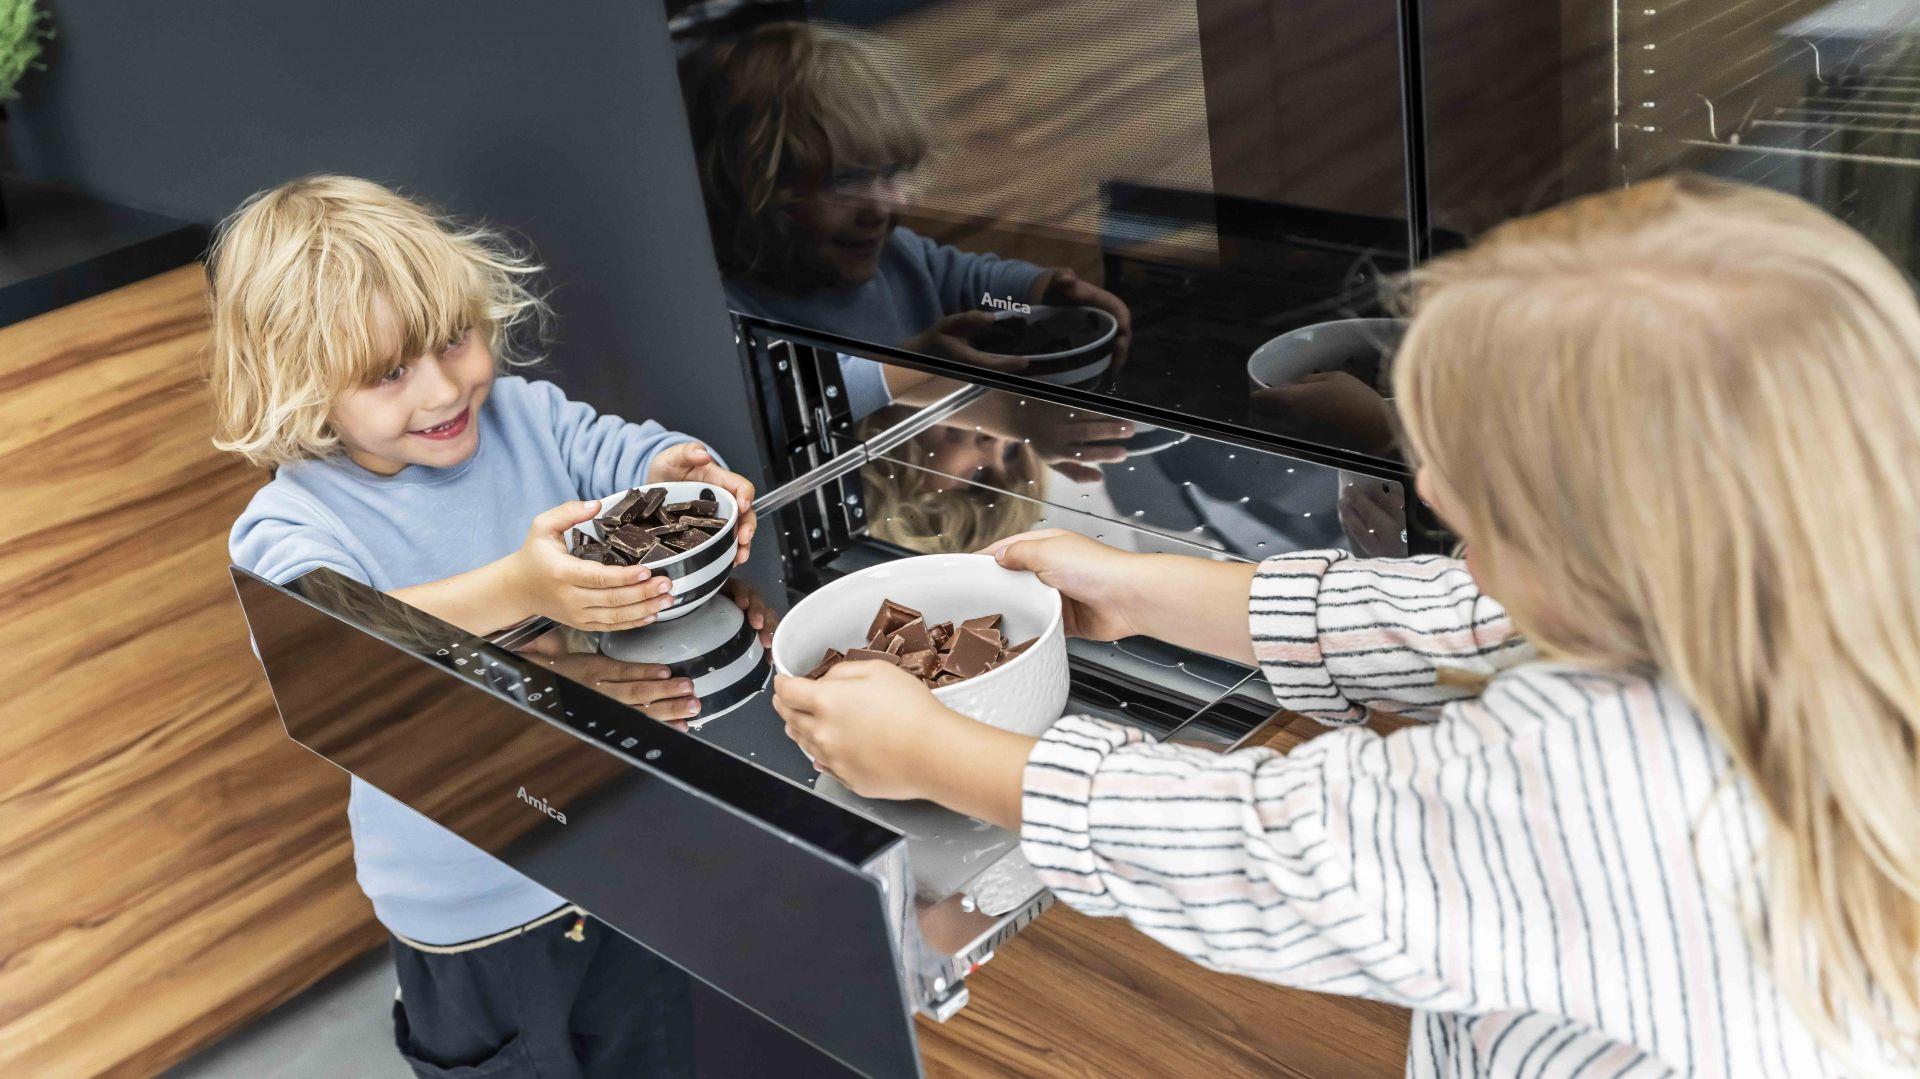 Dzięki szufladzie grzejnej X-Type możemy nie tylko utrzymać w cieple naczynia i zachować optymalną temperaturę potraw, ale także szybko rozmrażać dania. Fot.  Amica